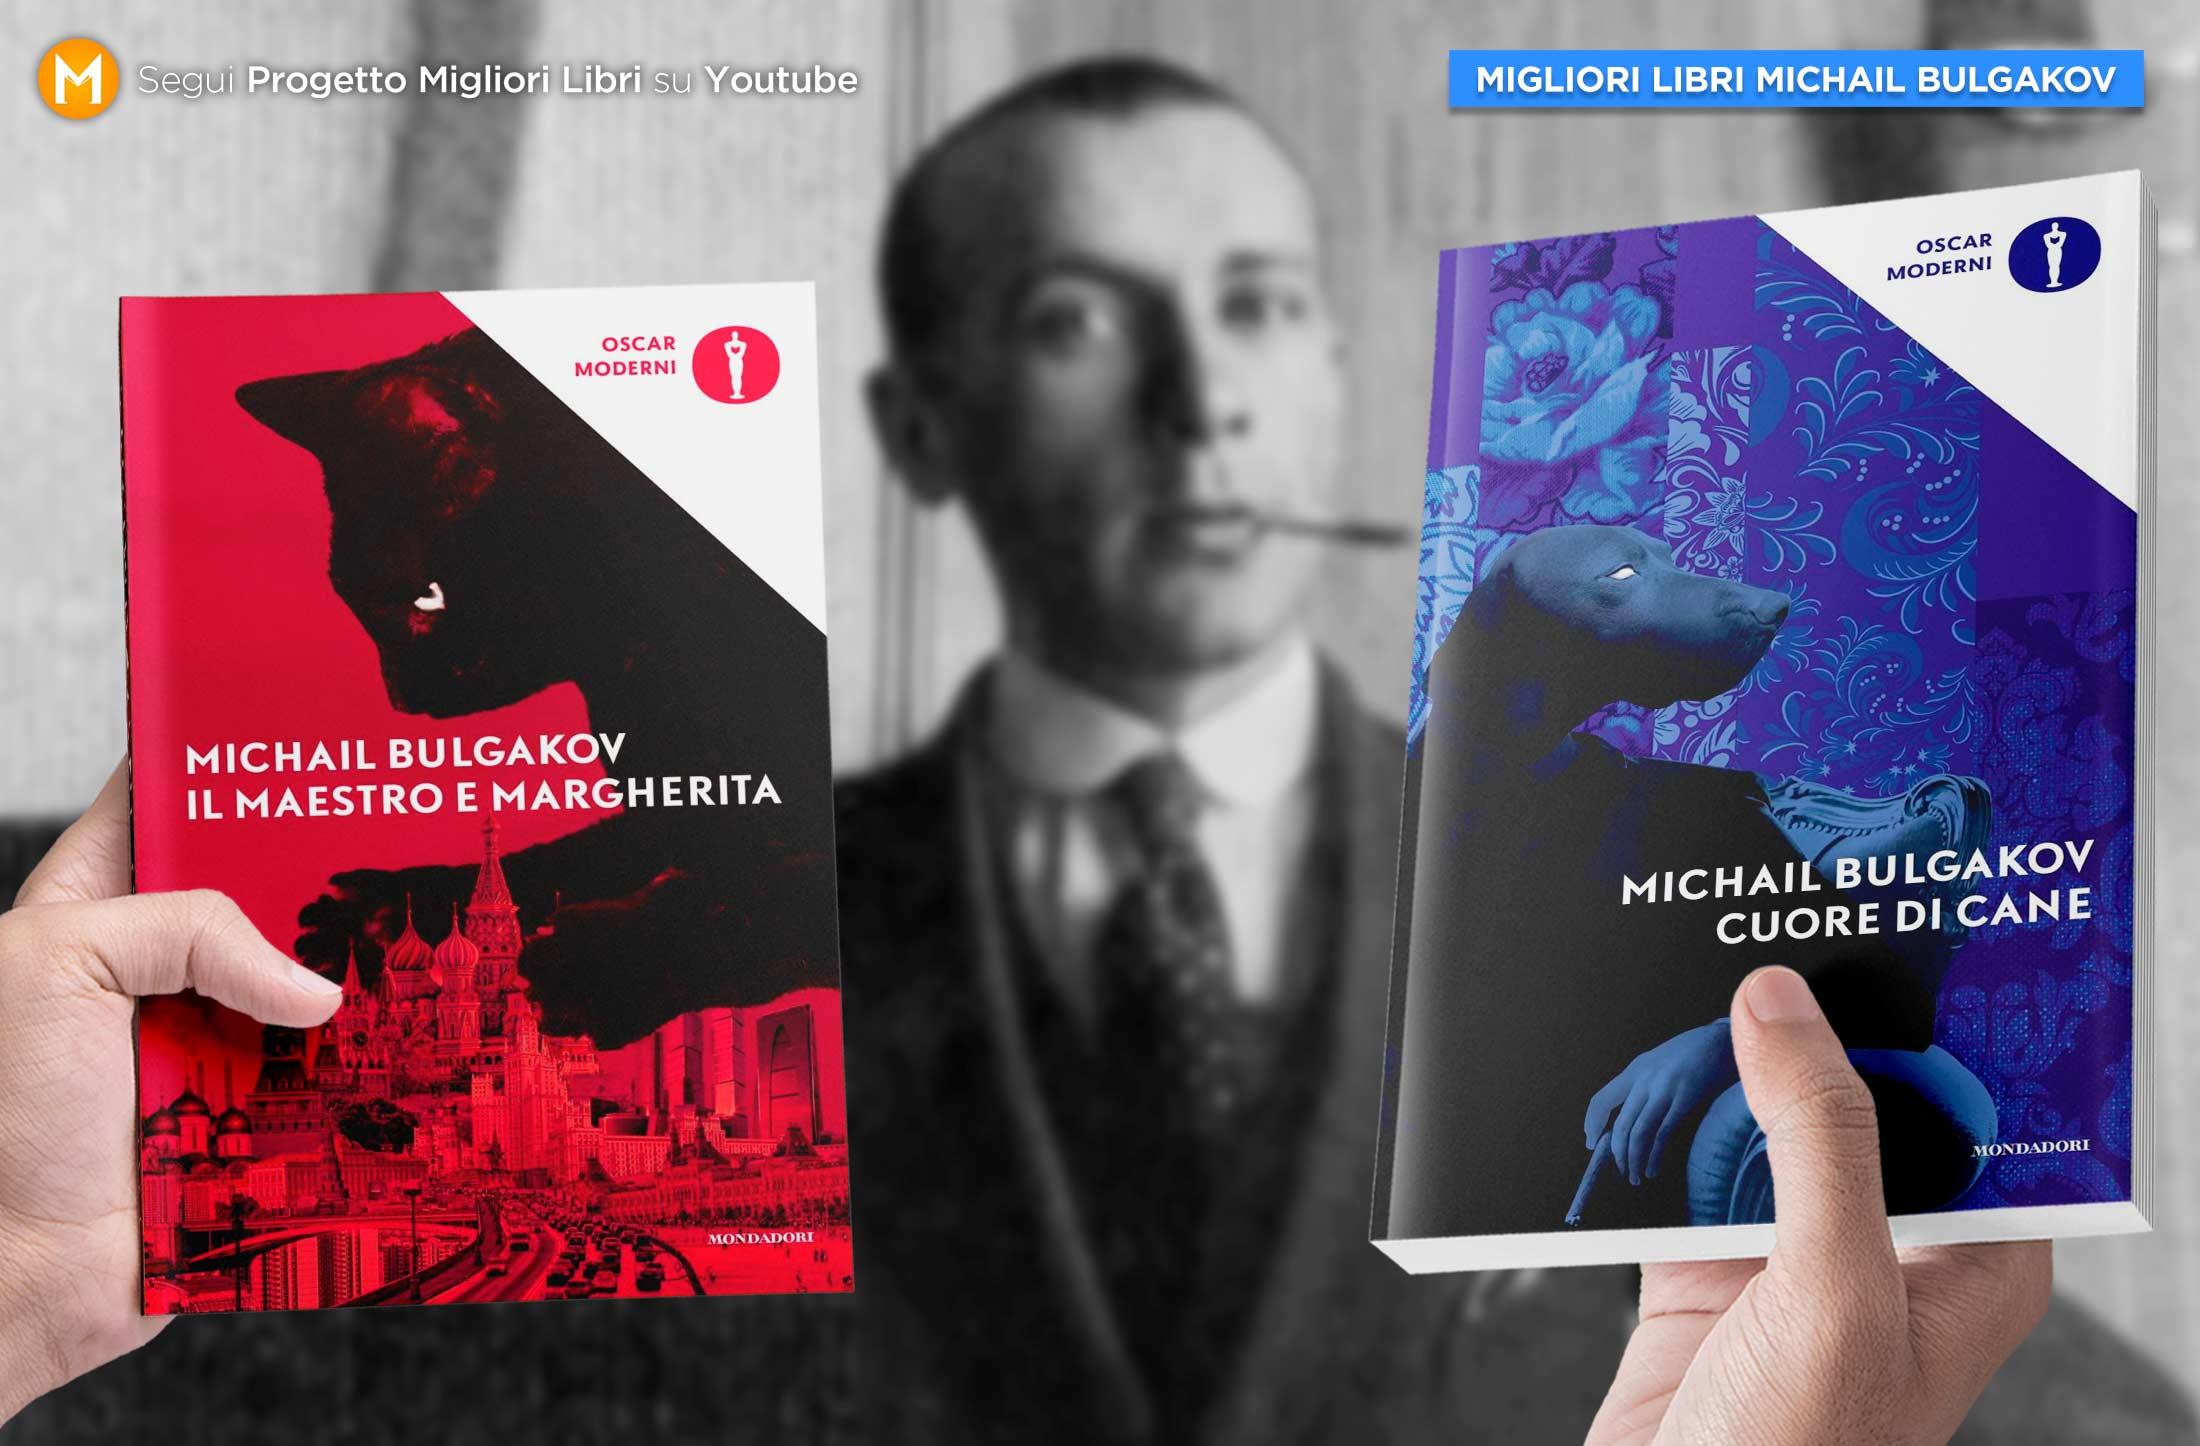 migliori-libri-michail-bulgakov